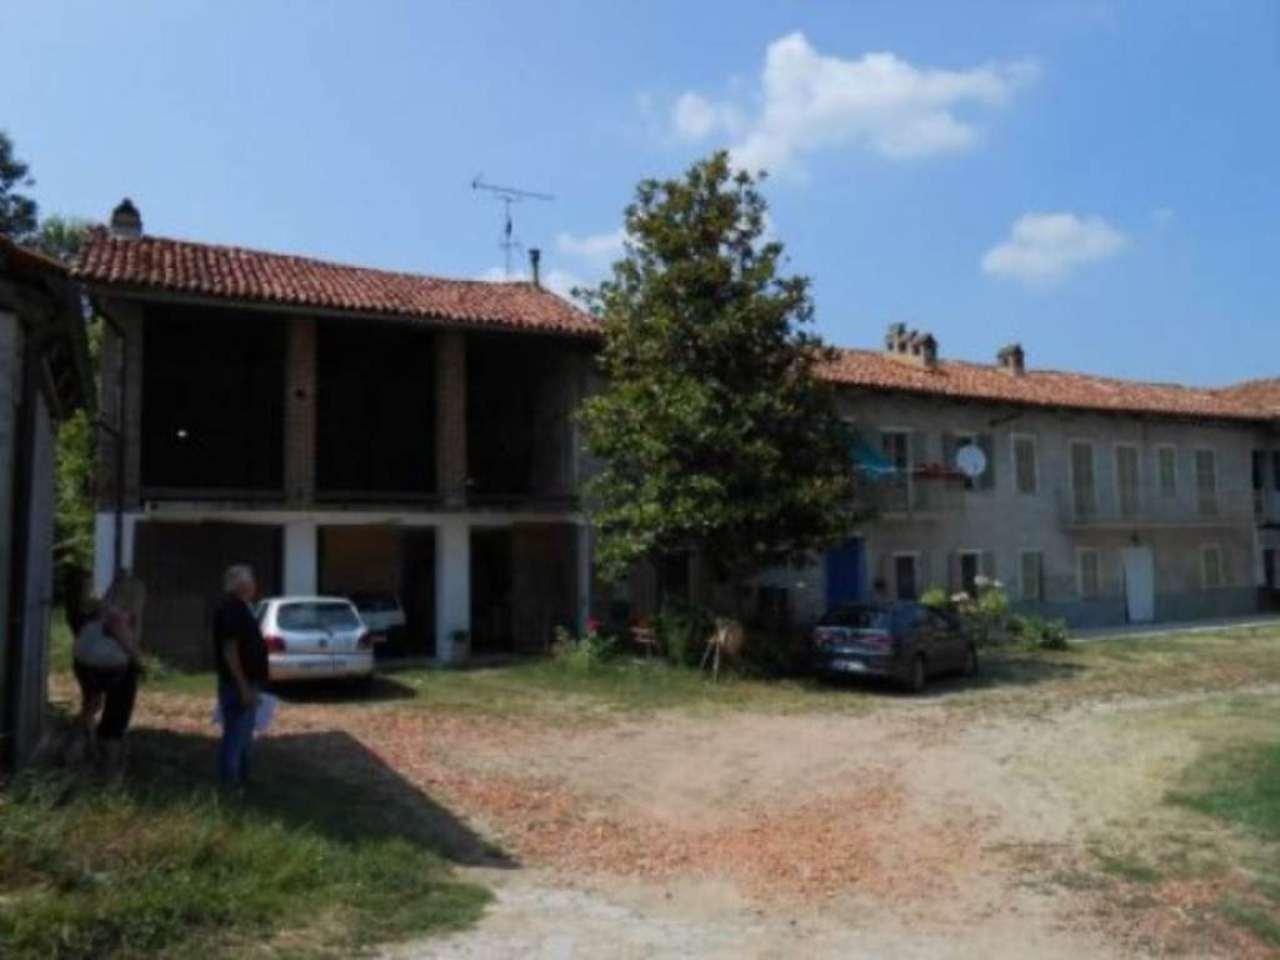 Rustico / Casale in vendita a Albugnano, 6 locali, prezzo € 190.000 | CambioCasa.it